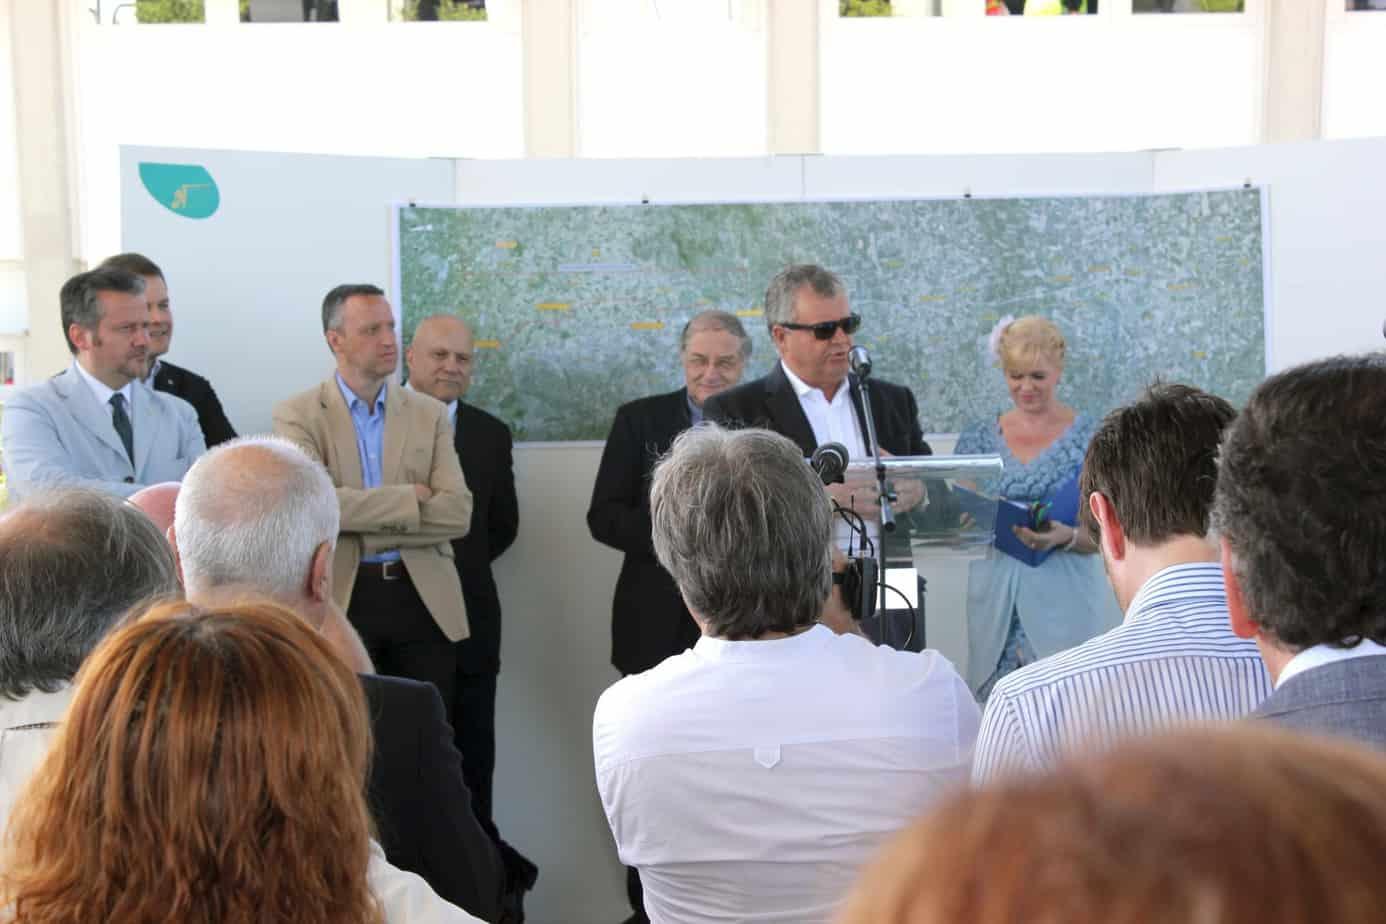 L'Ing. Giulio Burchi, con il Presidente di Autostrada BS-PD Flavio Tosi e il Presidente di A4 Holding Attilio Schneck, durante la cerimonia di apertura al traffico del casello di Agugliaro (Autostrada A31)